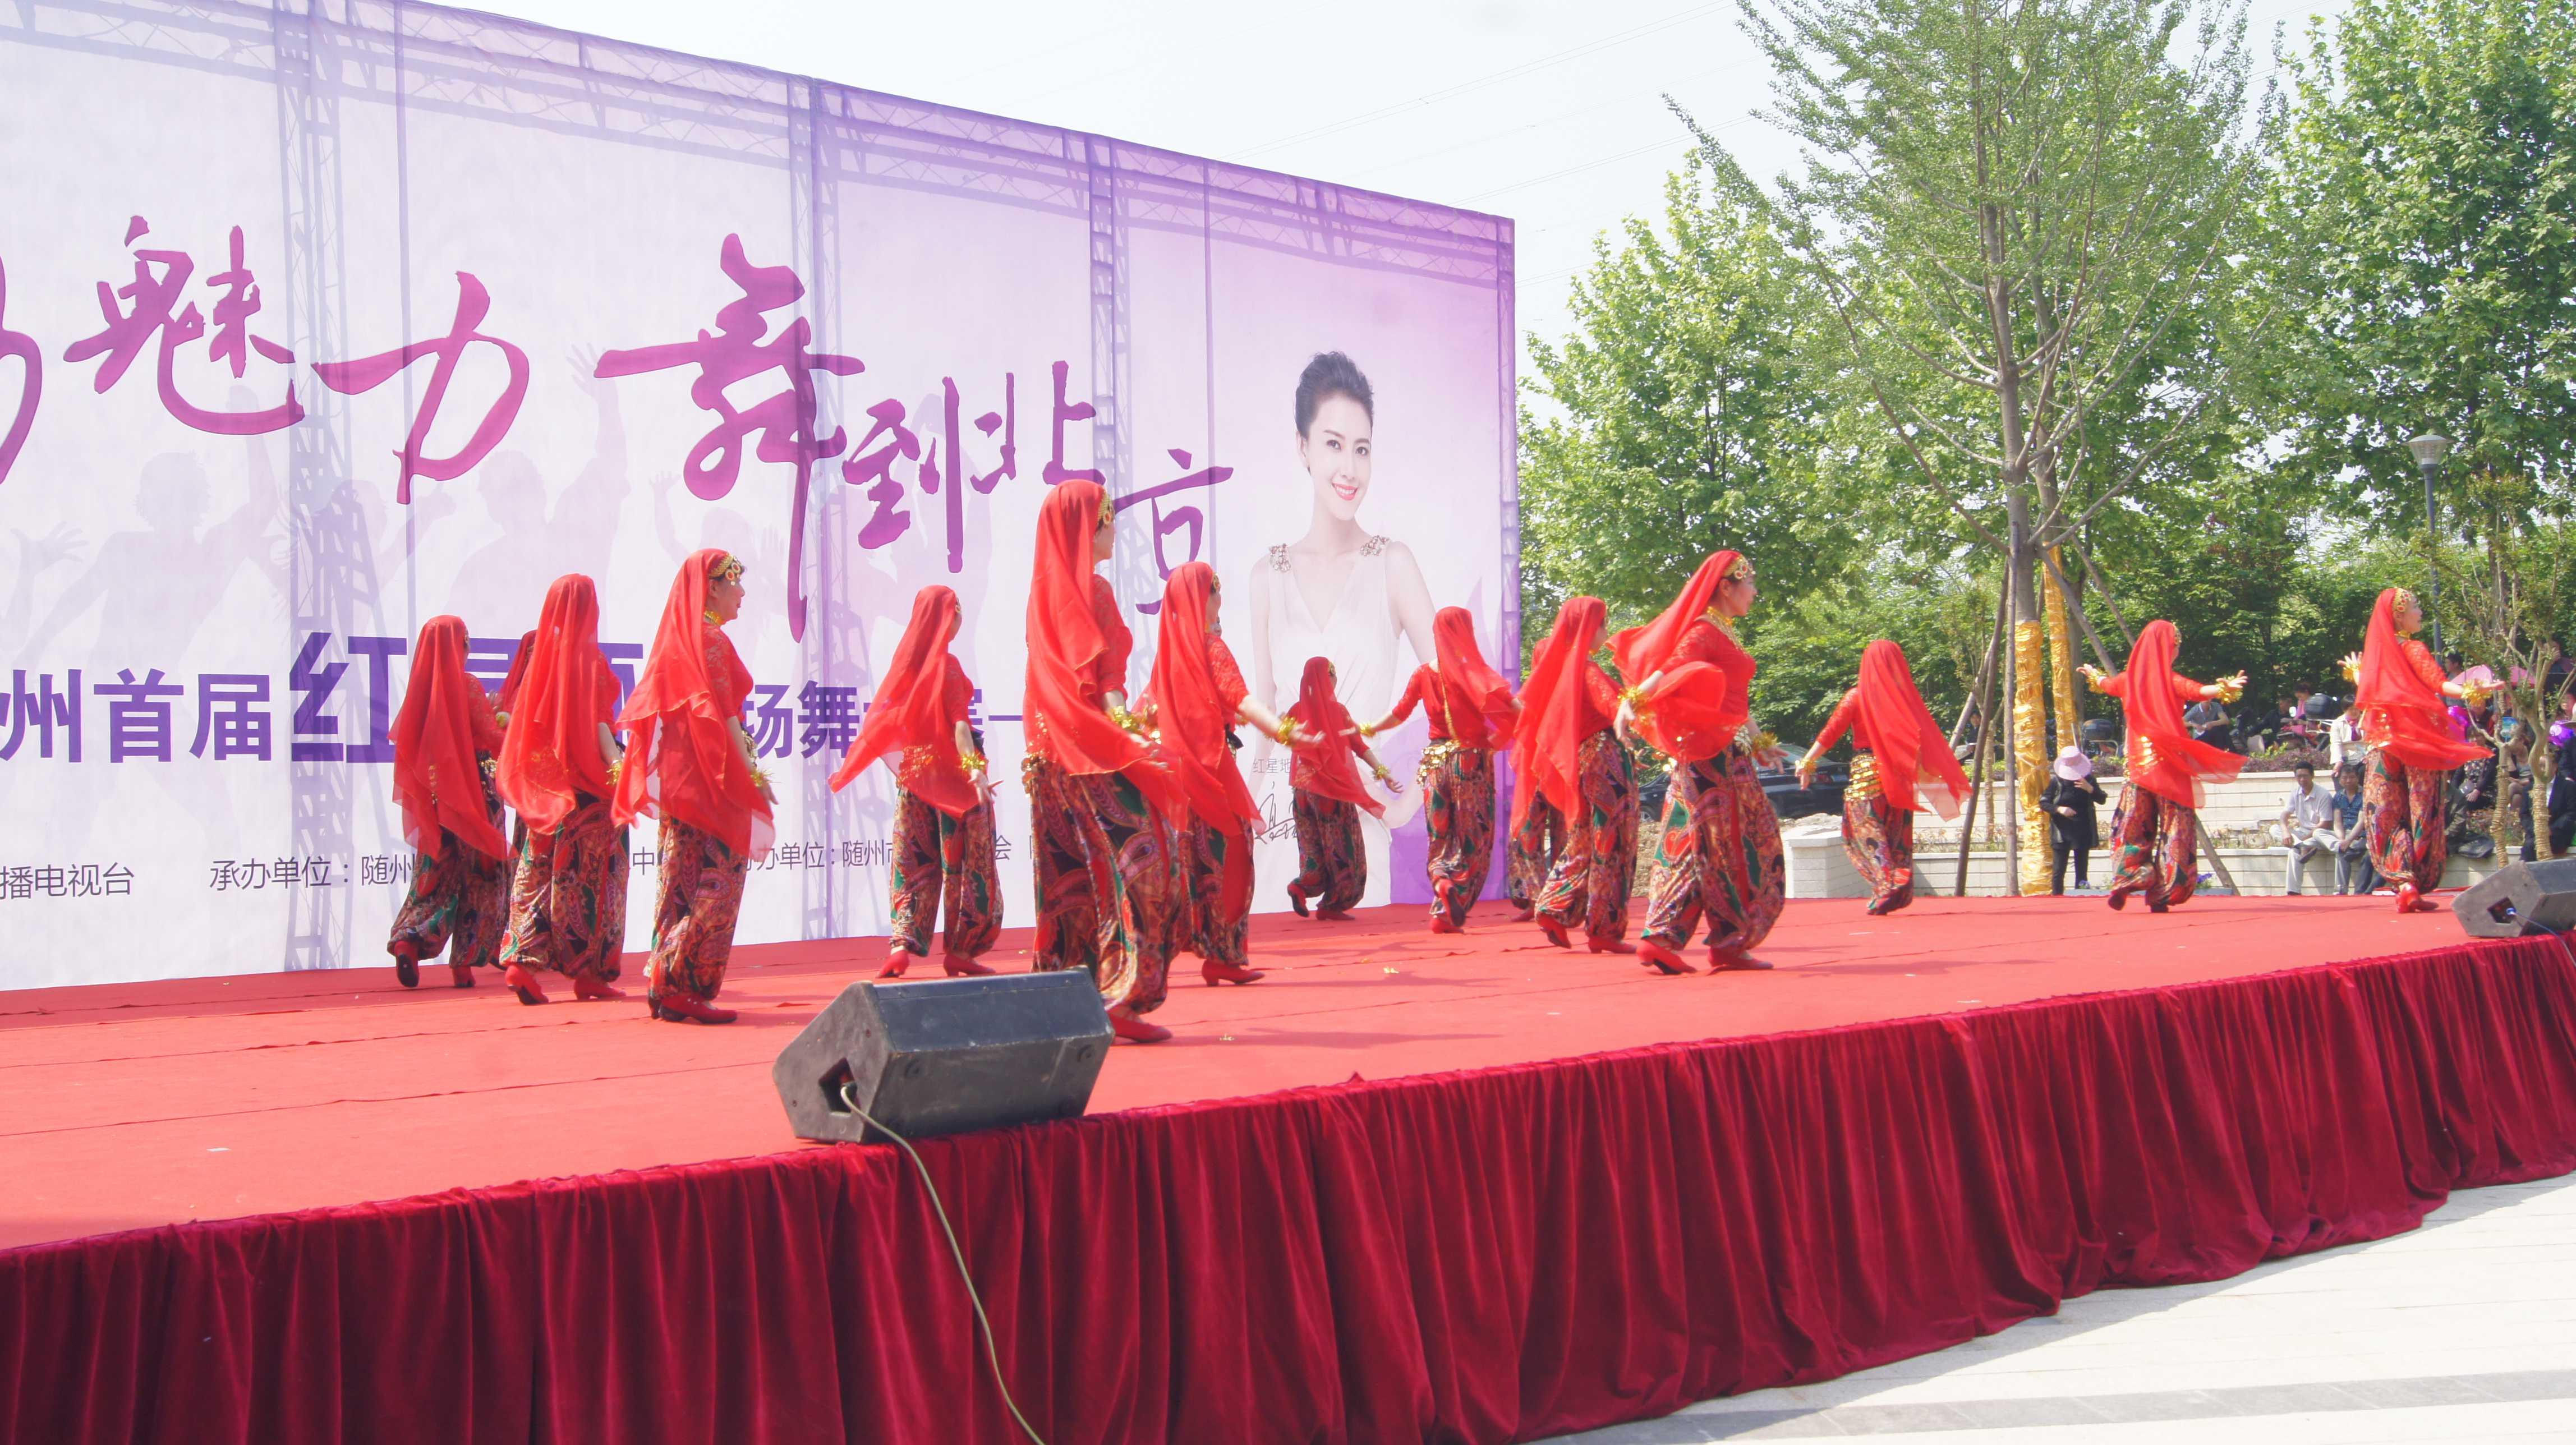 双馨民族舞蹈队《我们的约定》